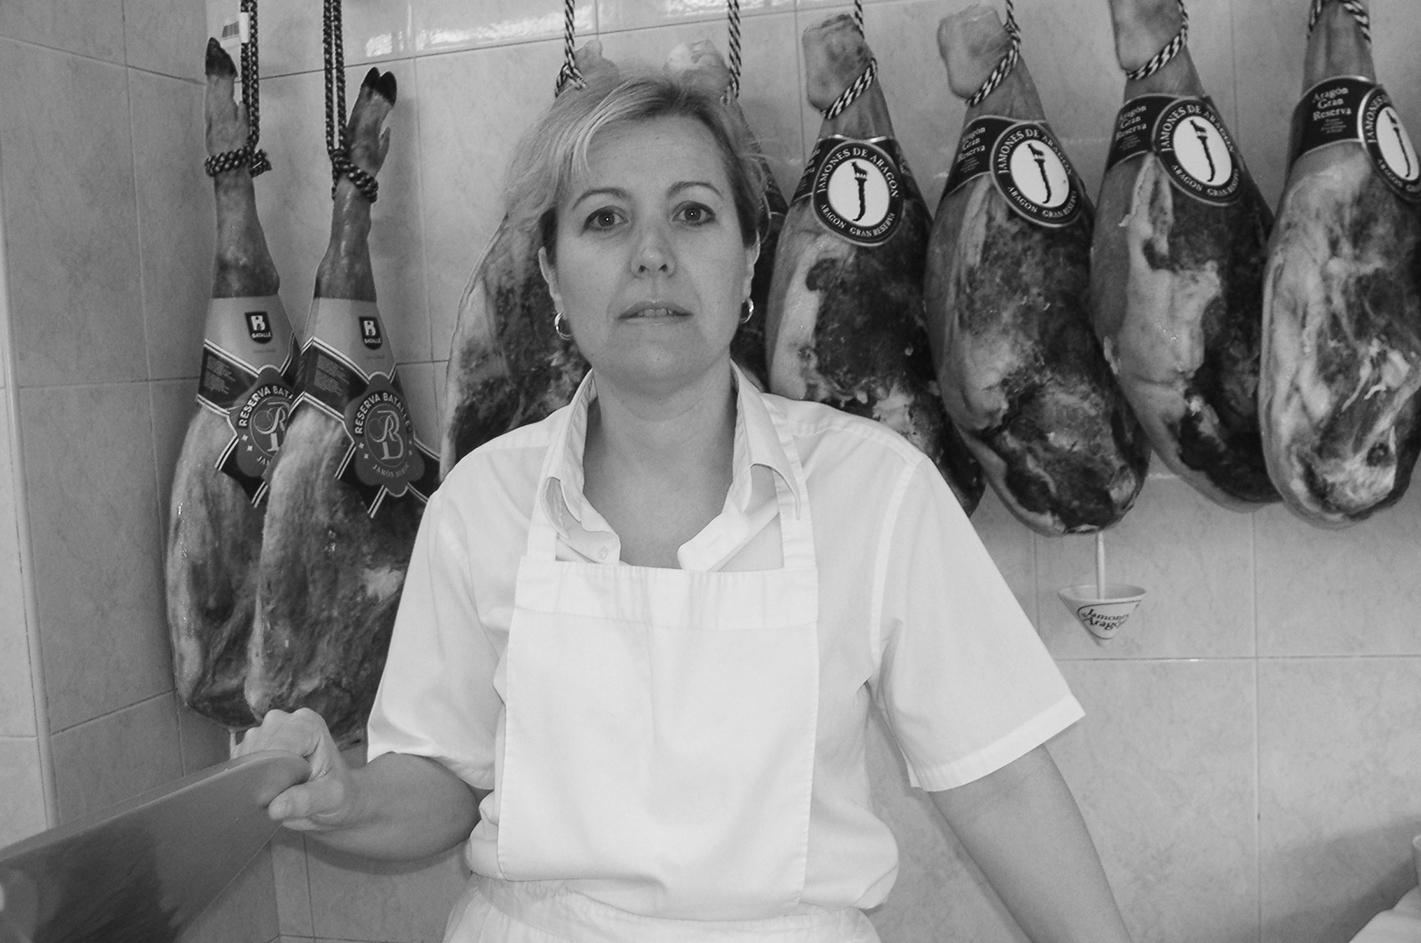 Esther en Carniceria Los Porches